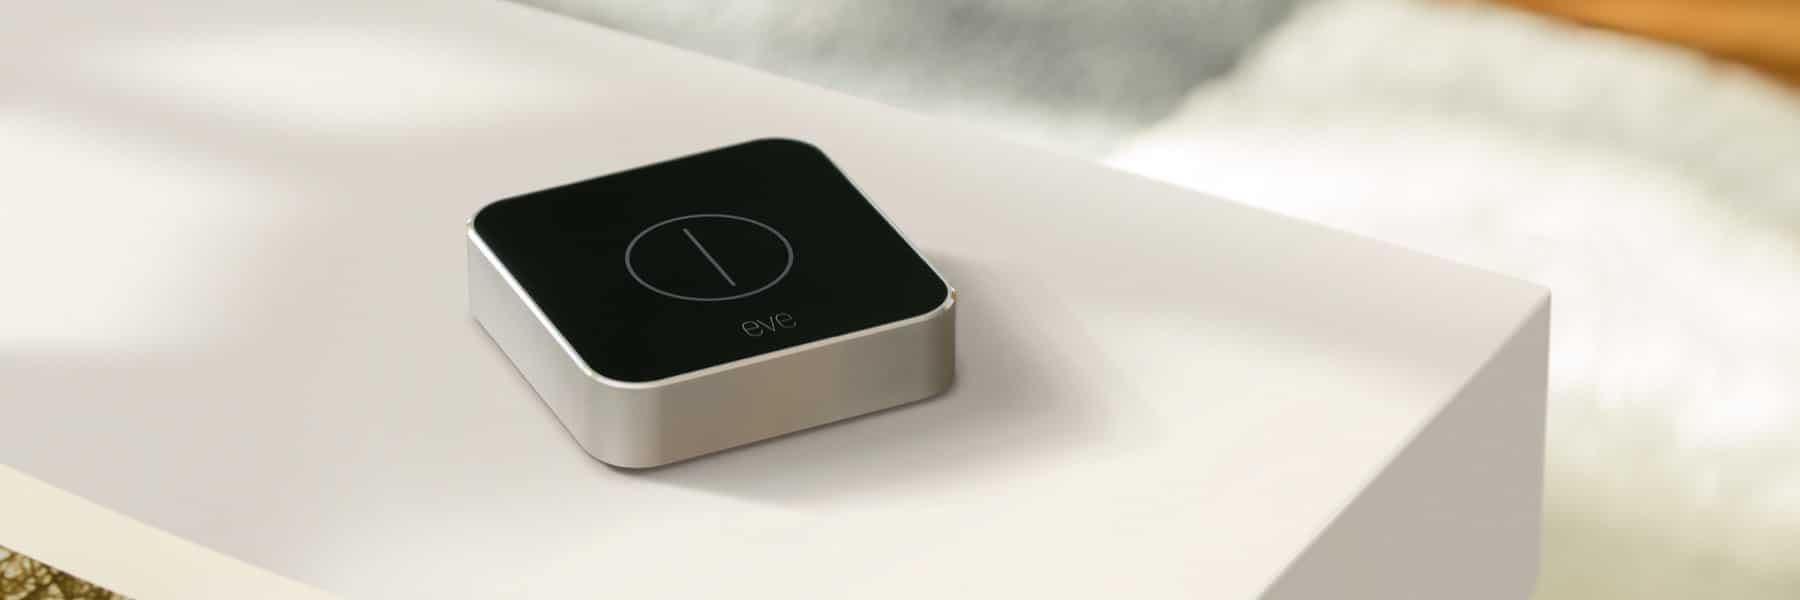 Eve Button: Das kann der neue HomeKit Schalter von Elgato